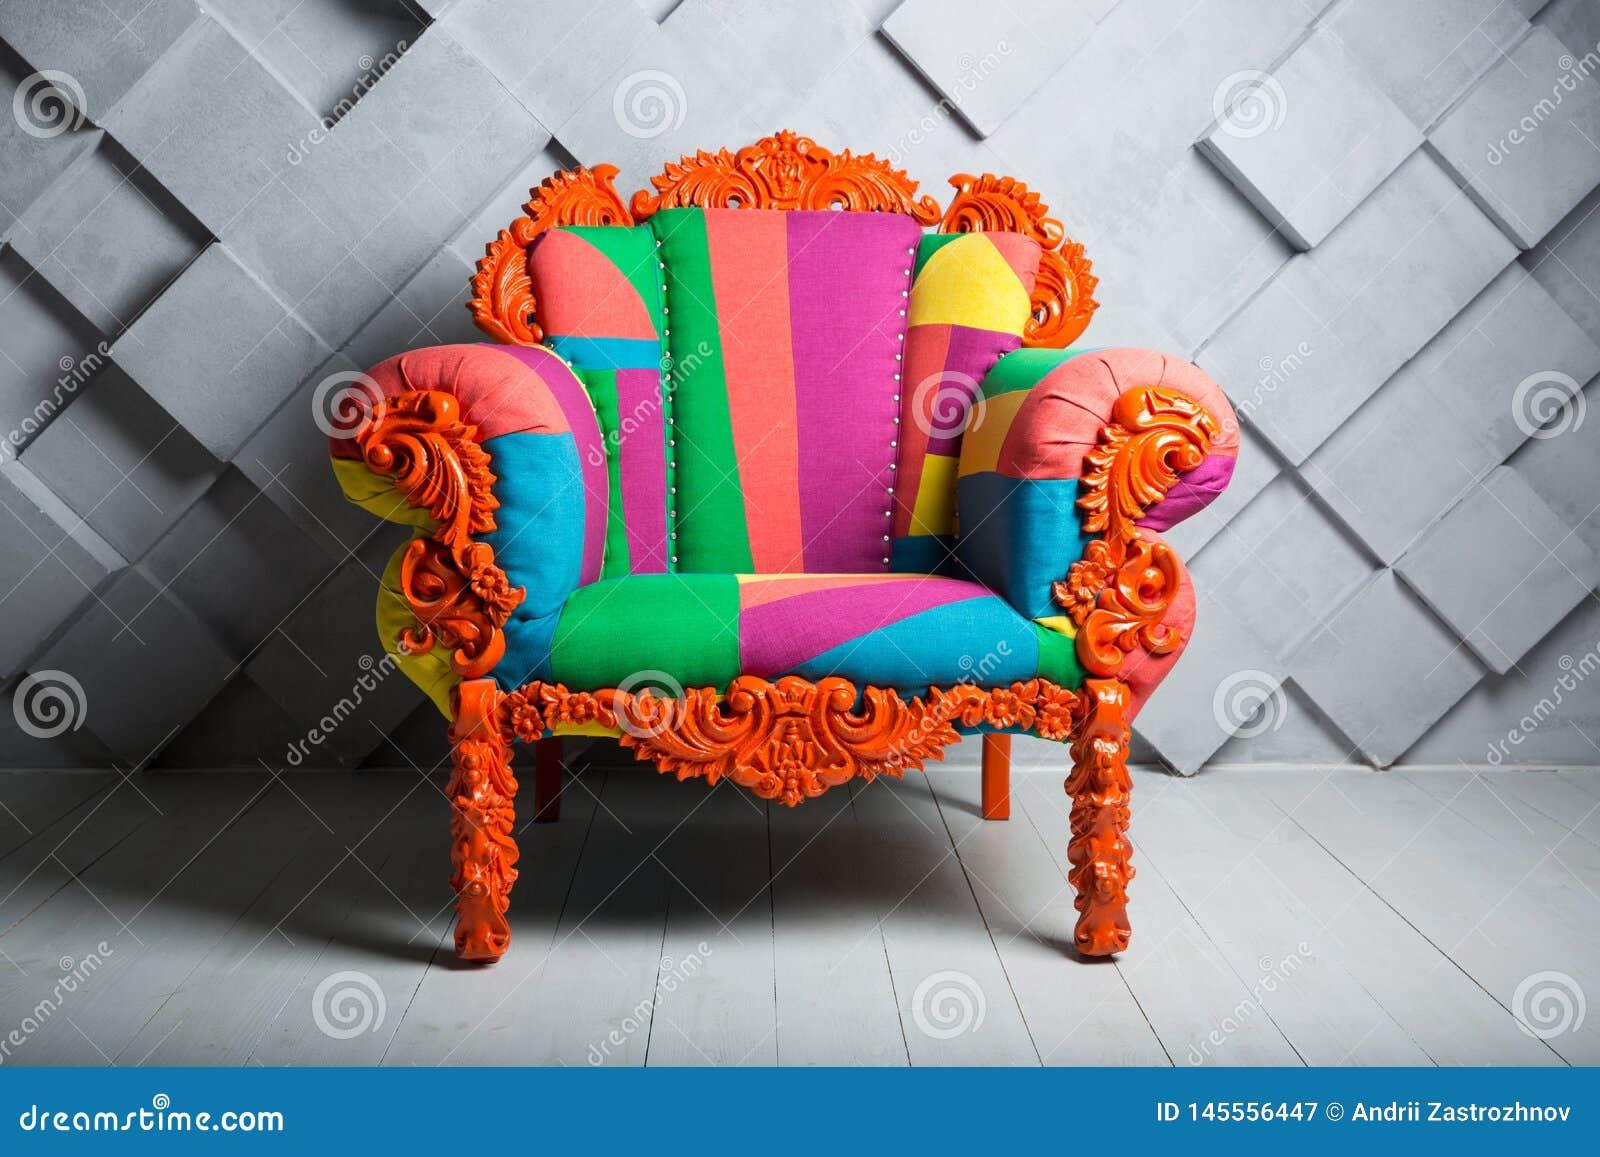 豪华和成功与多色的天鹅绒扶手椅子,职位空缺的概念